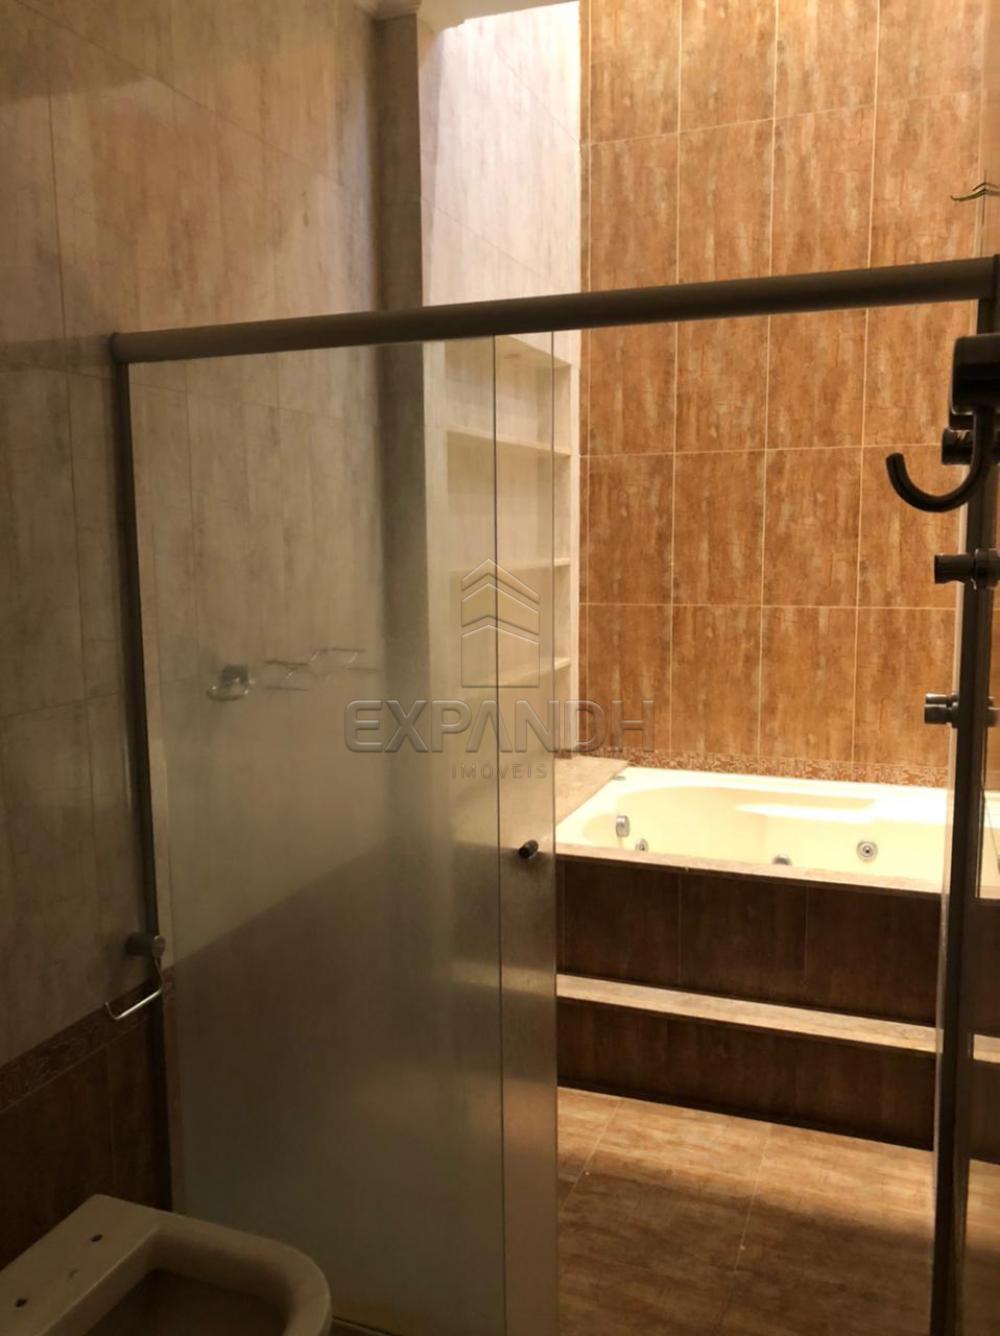 Alugar Casas / Padrão em Sertãozinho apenas R$ 1.500,00 - Foto 15